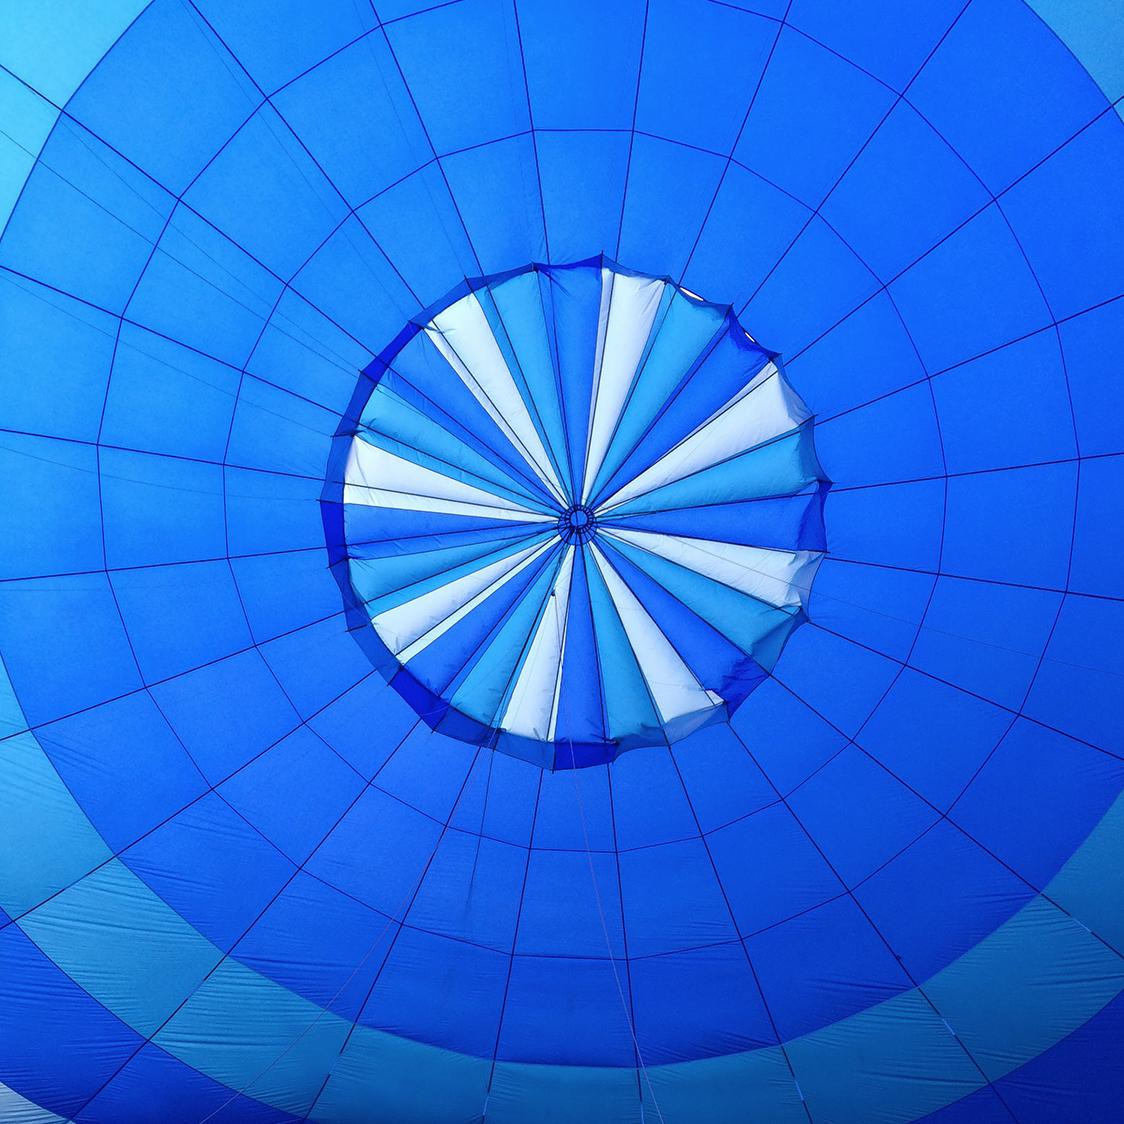 hot_air_balloon_parachute.jpg